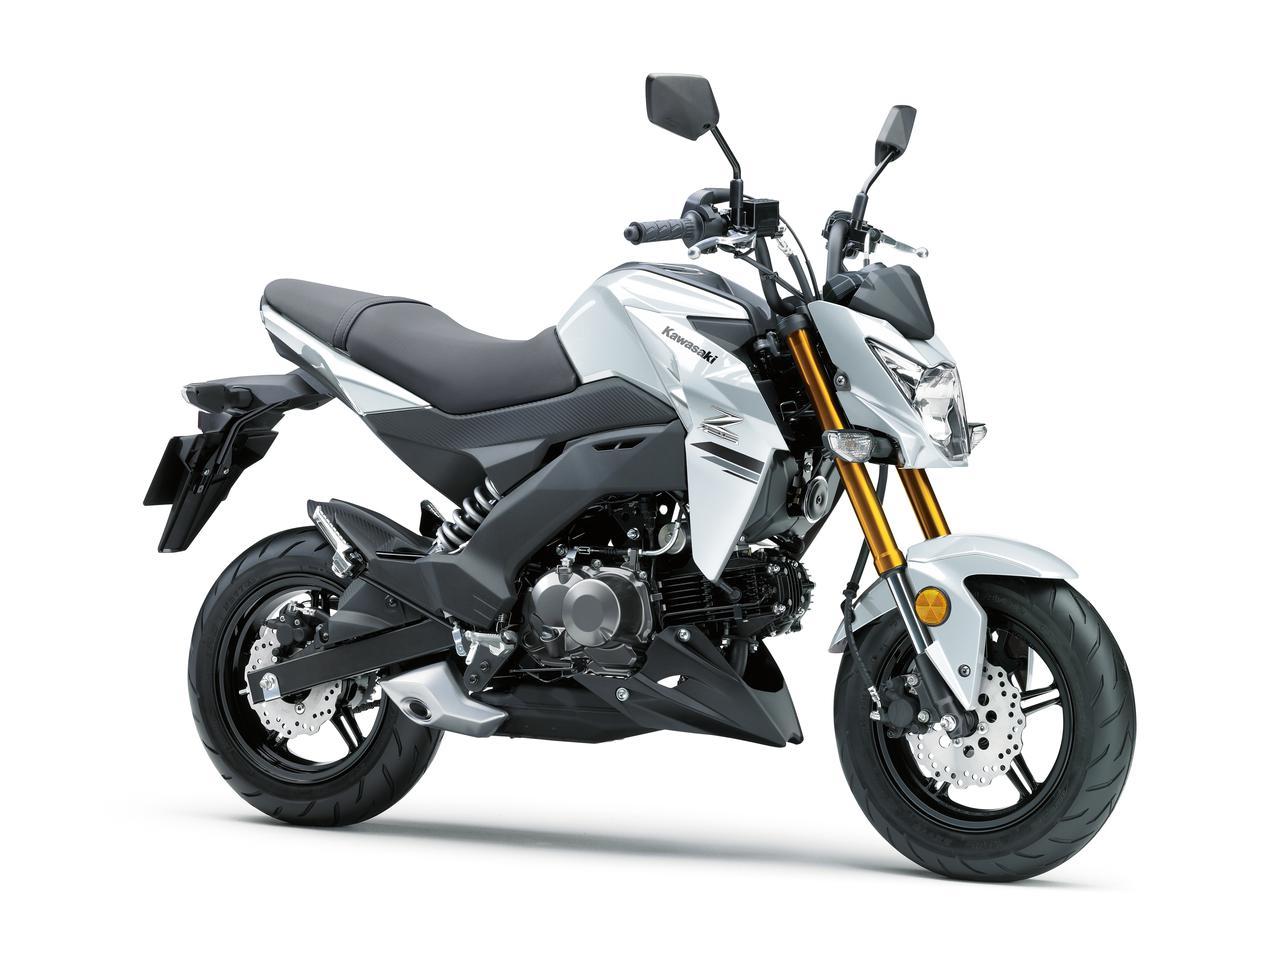 画像15: これが最後!? カワサキが原付二種スポーツバイク「Z125 PRO」の2021年モデルを発表!